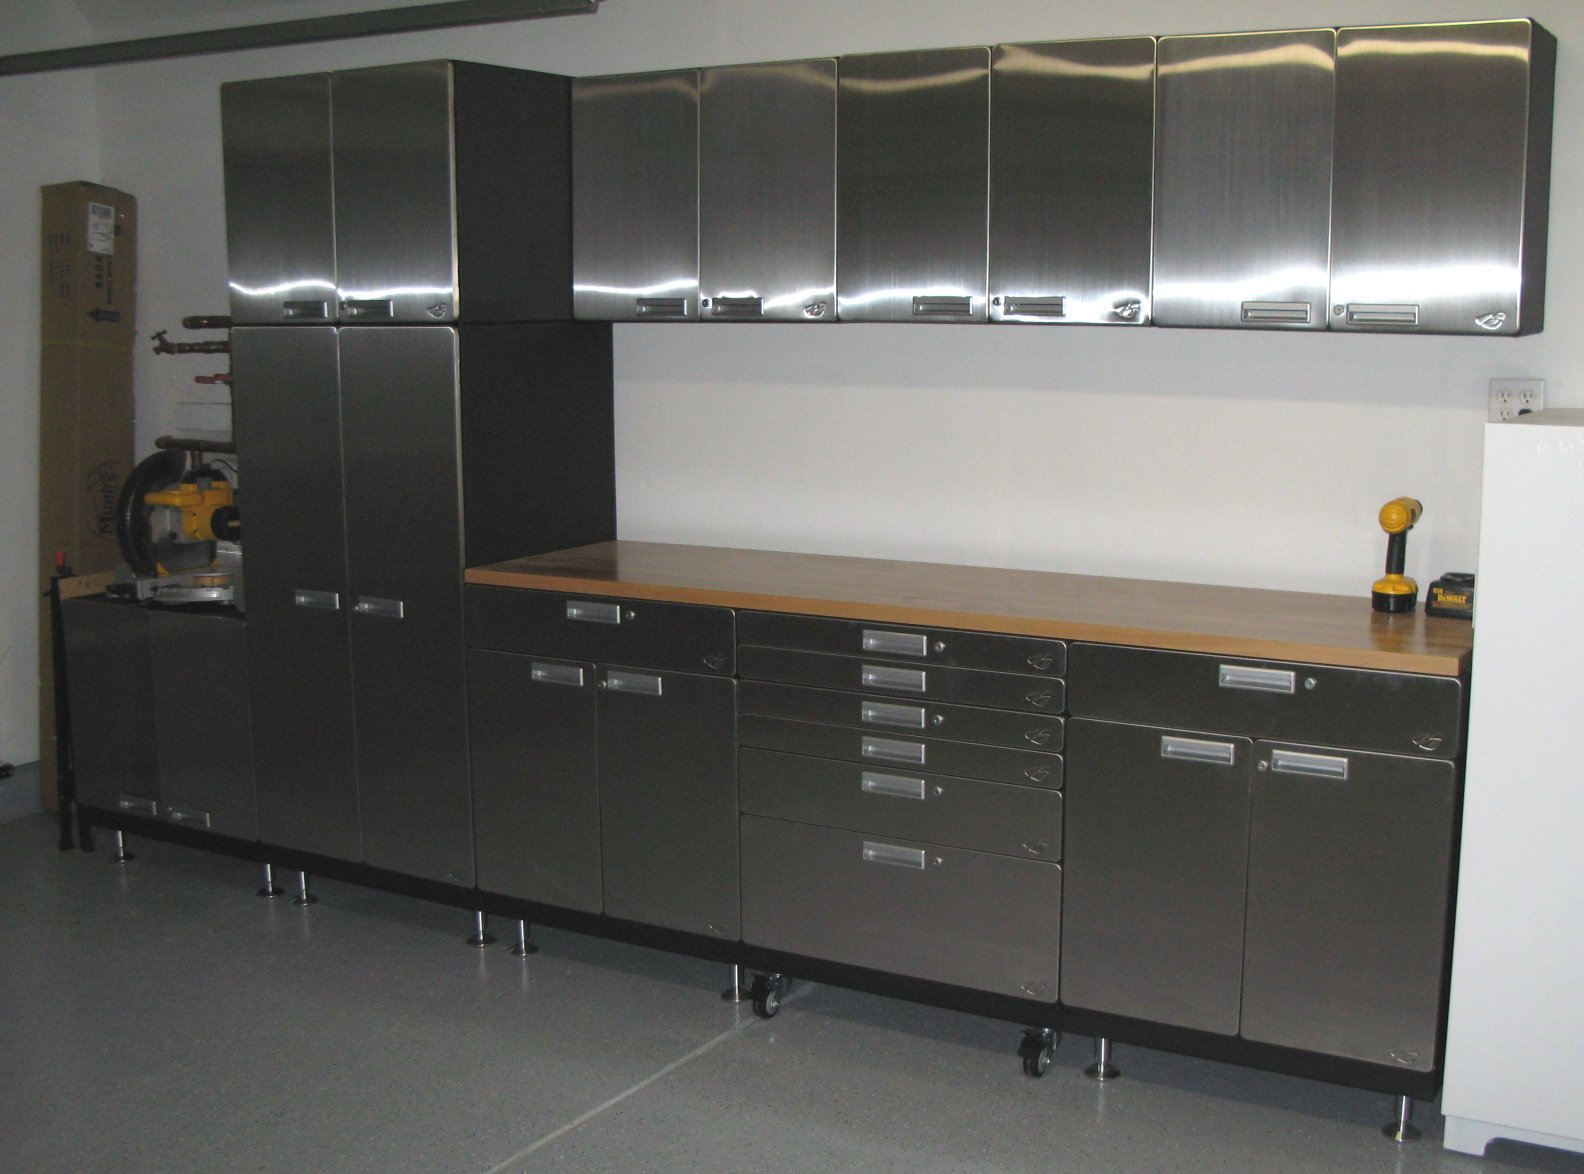 Steel Kitchen Interior photo - 4